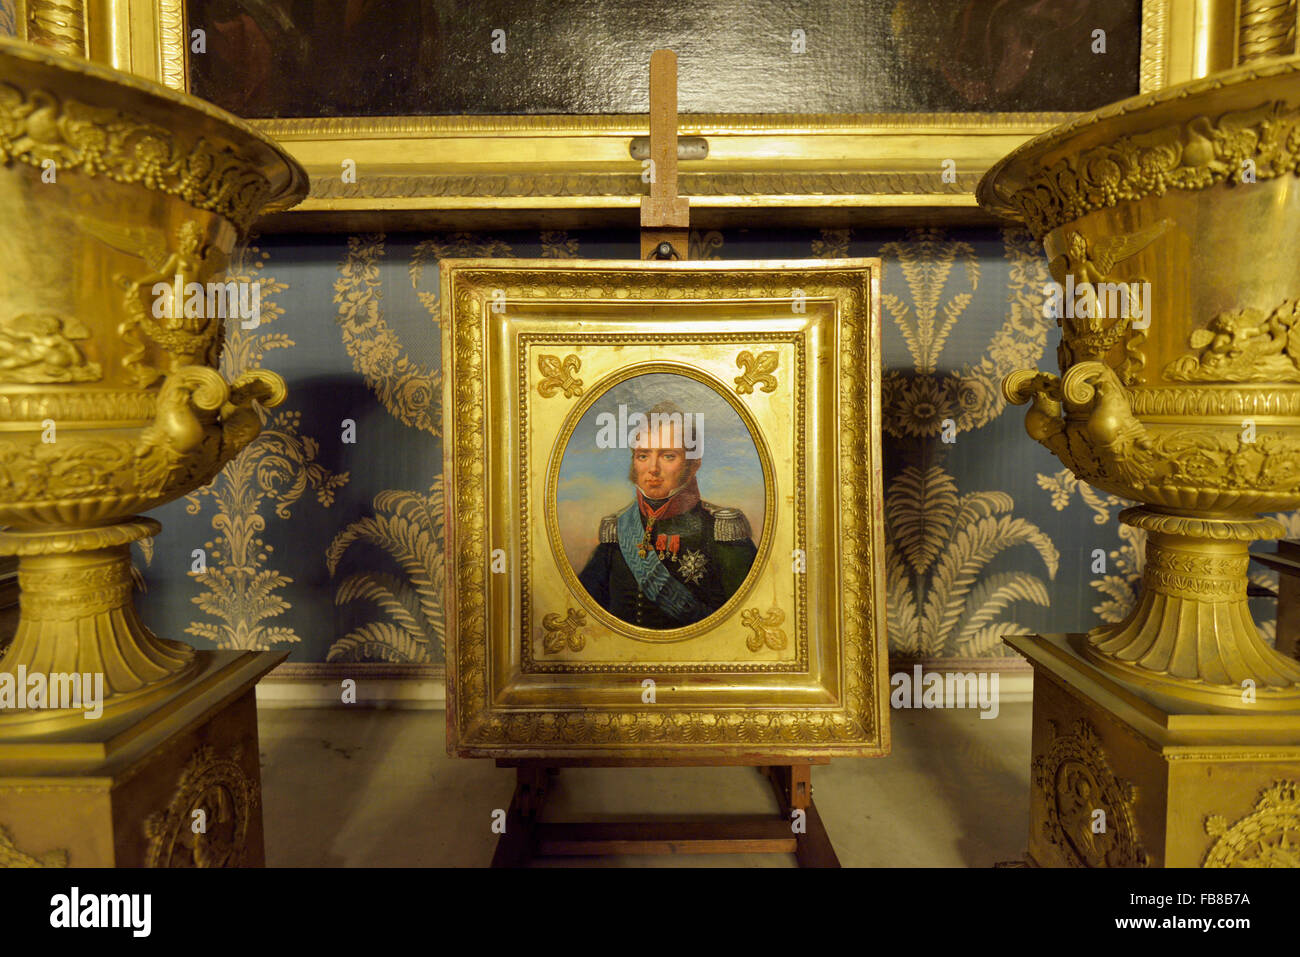 Ritratto di (Portrait of) Carlo Ferdinando d'Artois, Duca di Berry (Duke of Berry), Palazzo Reale, Napoli, Campania, - Stock Image